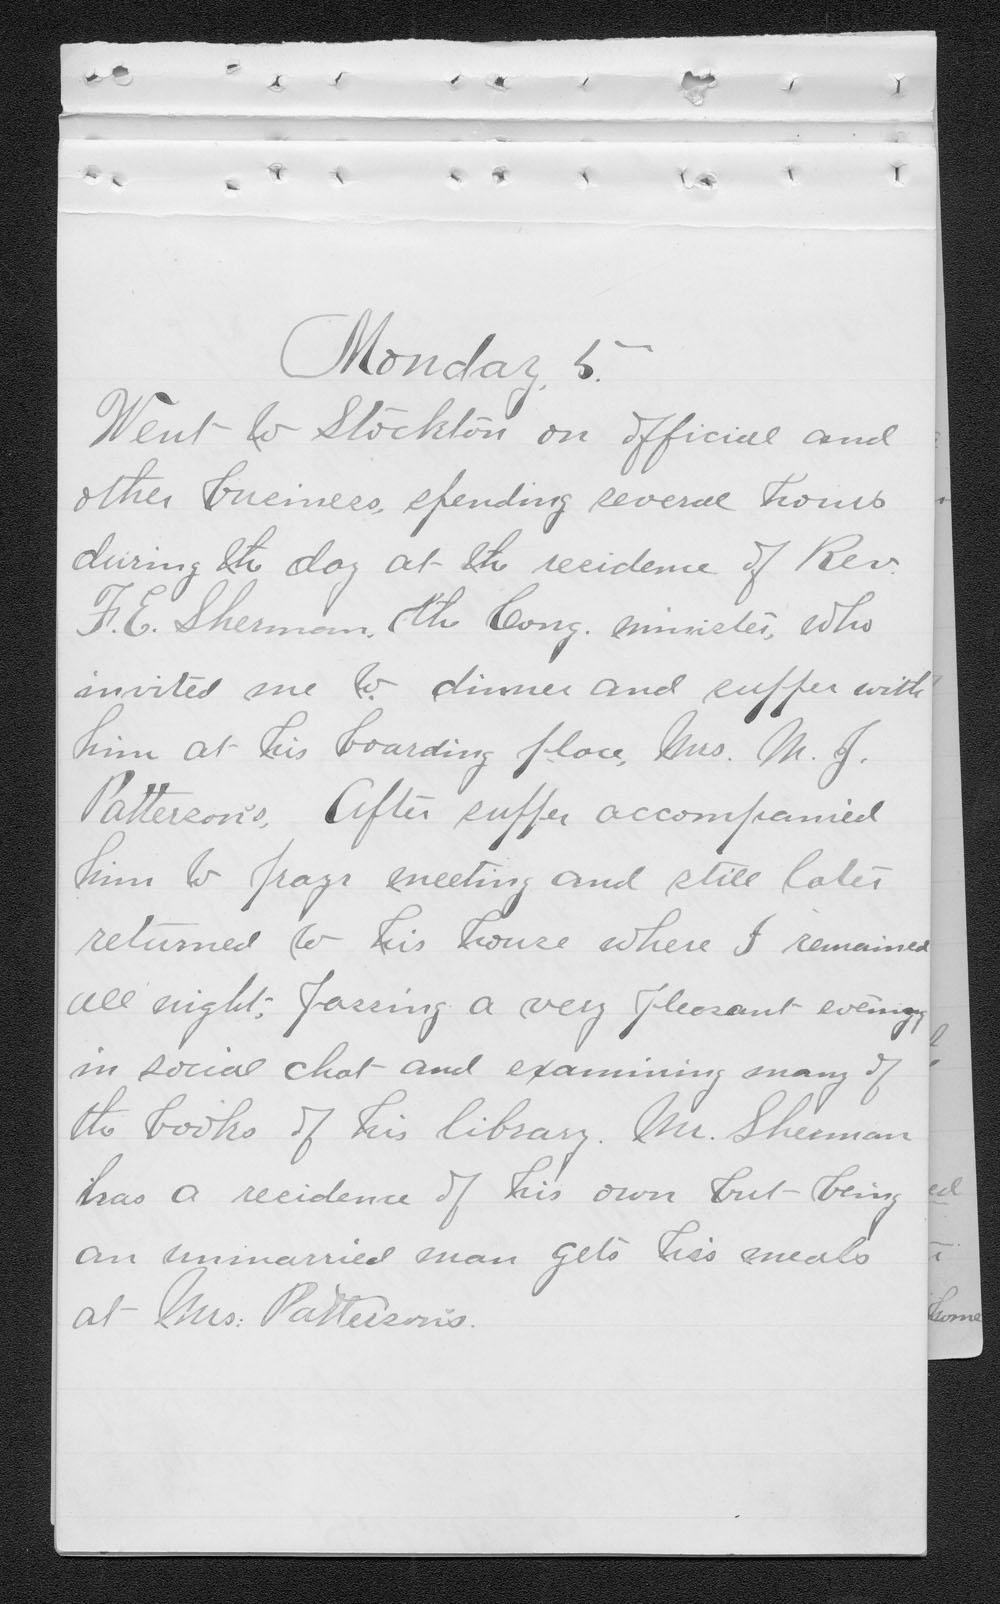 Elam Bartholomew diary - Jan. 5, 1880